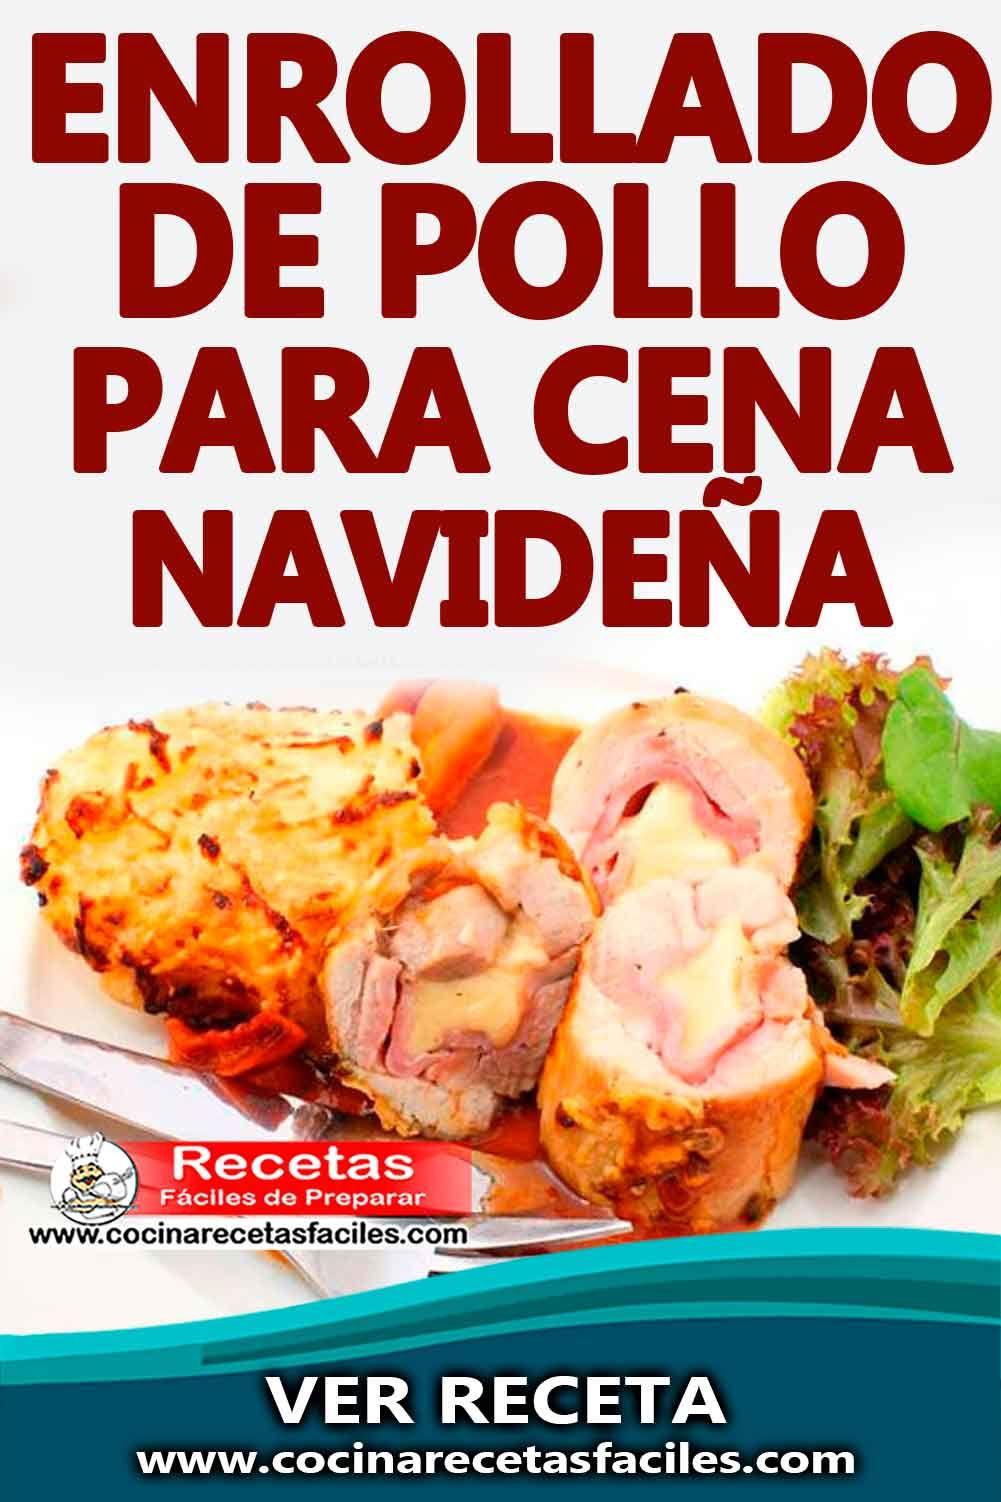 Enrollado De Pollo Para Cena Navideña Recetas Navideñas Cena Navideña Recetas Cenas Navideñas Recetas De Comida Saludable